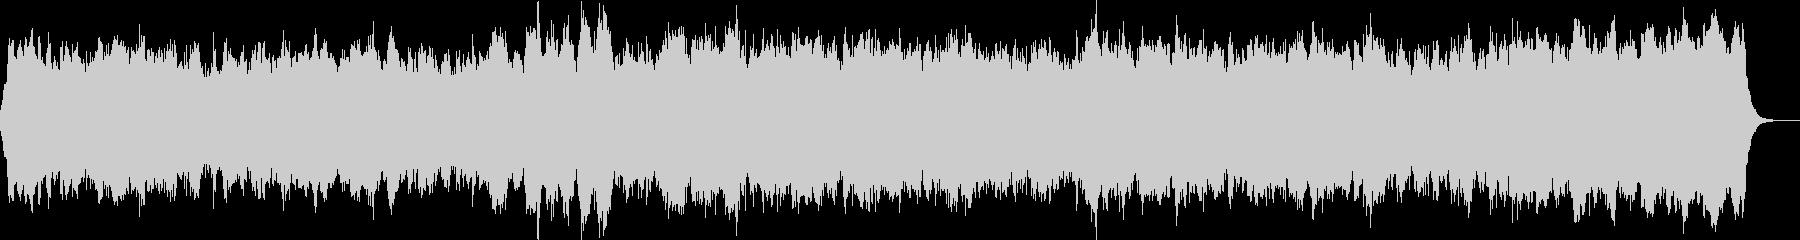 バッハのような重厚で三声のバロック曲の未再生の波形